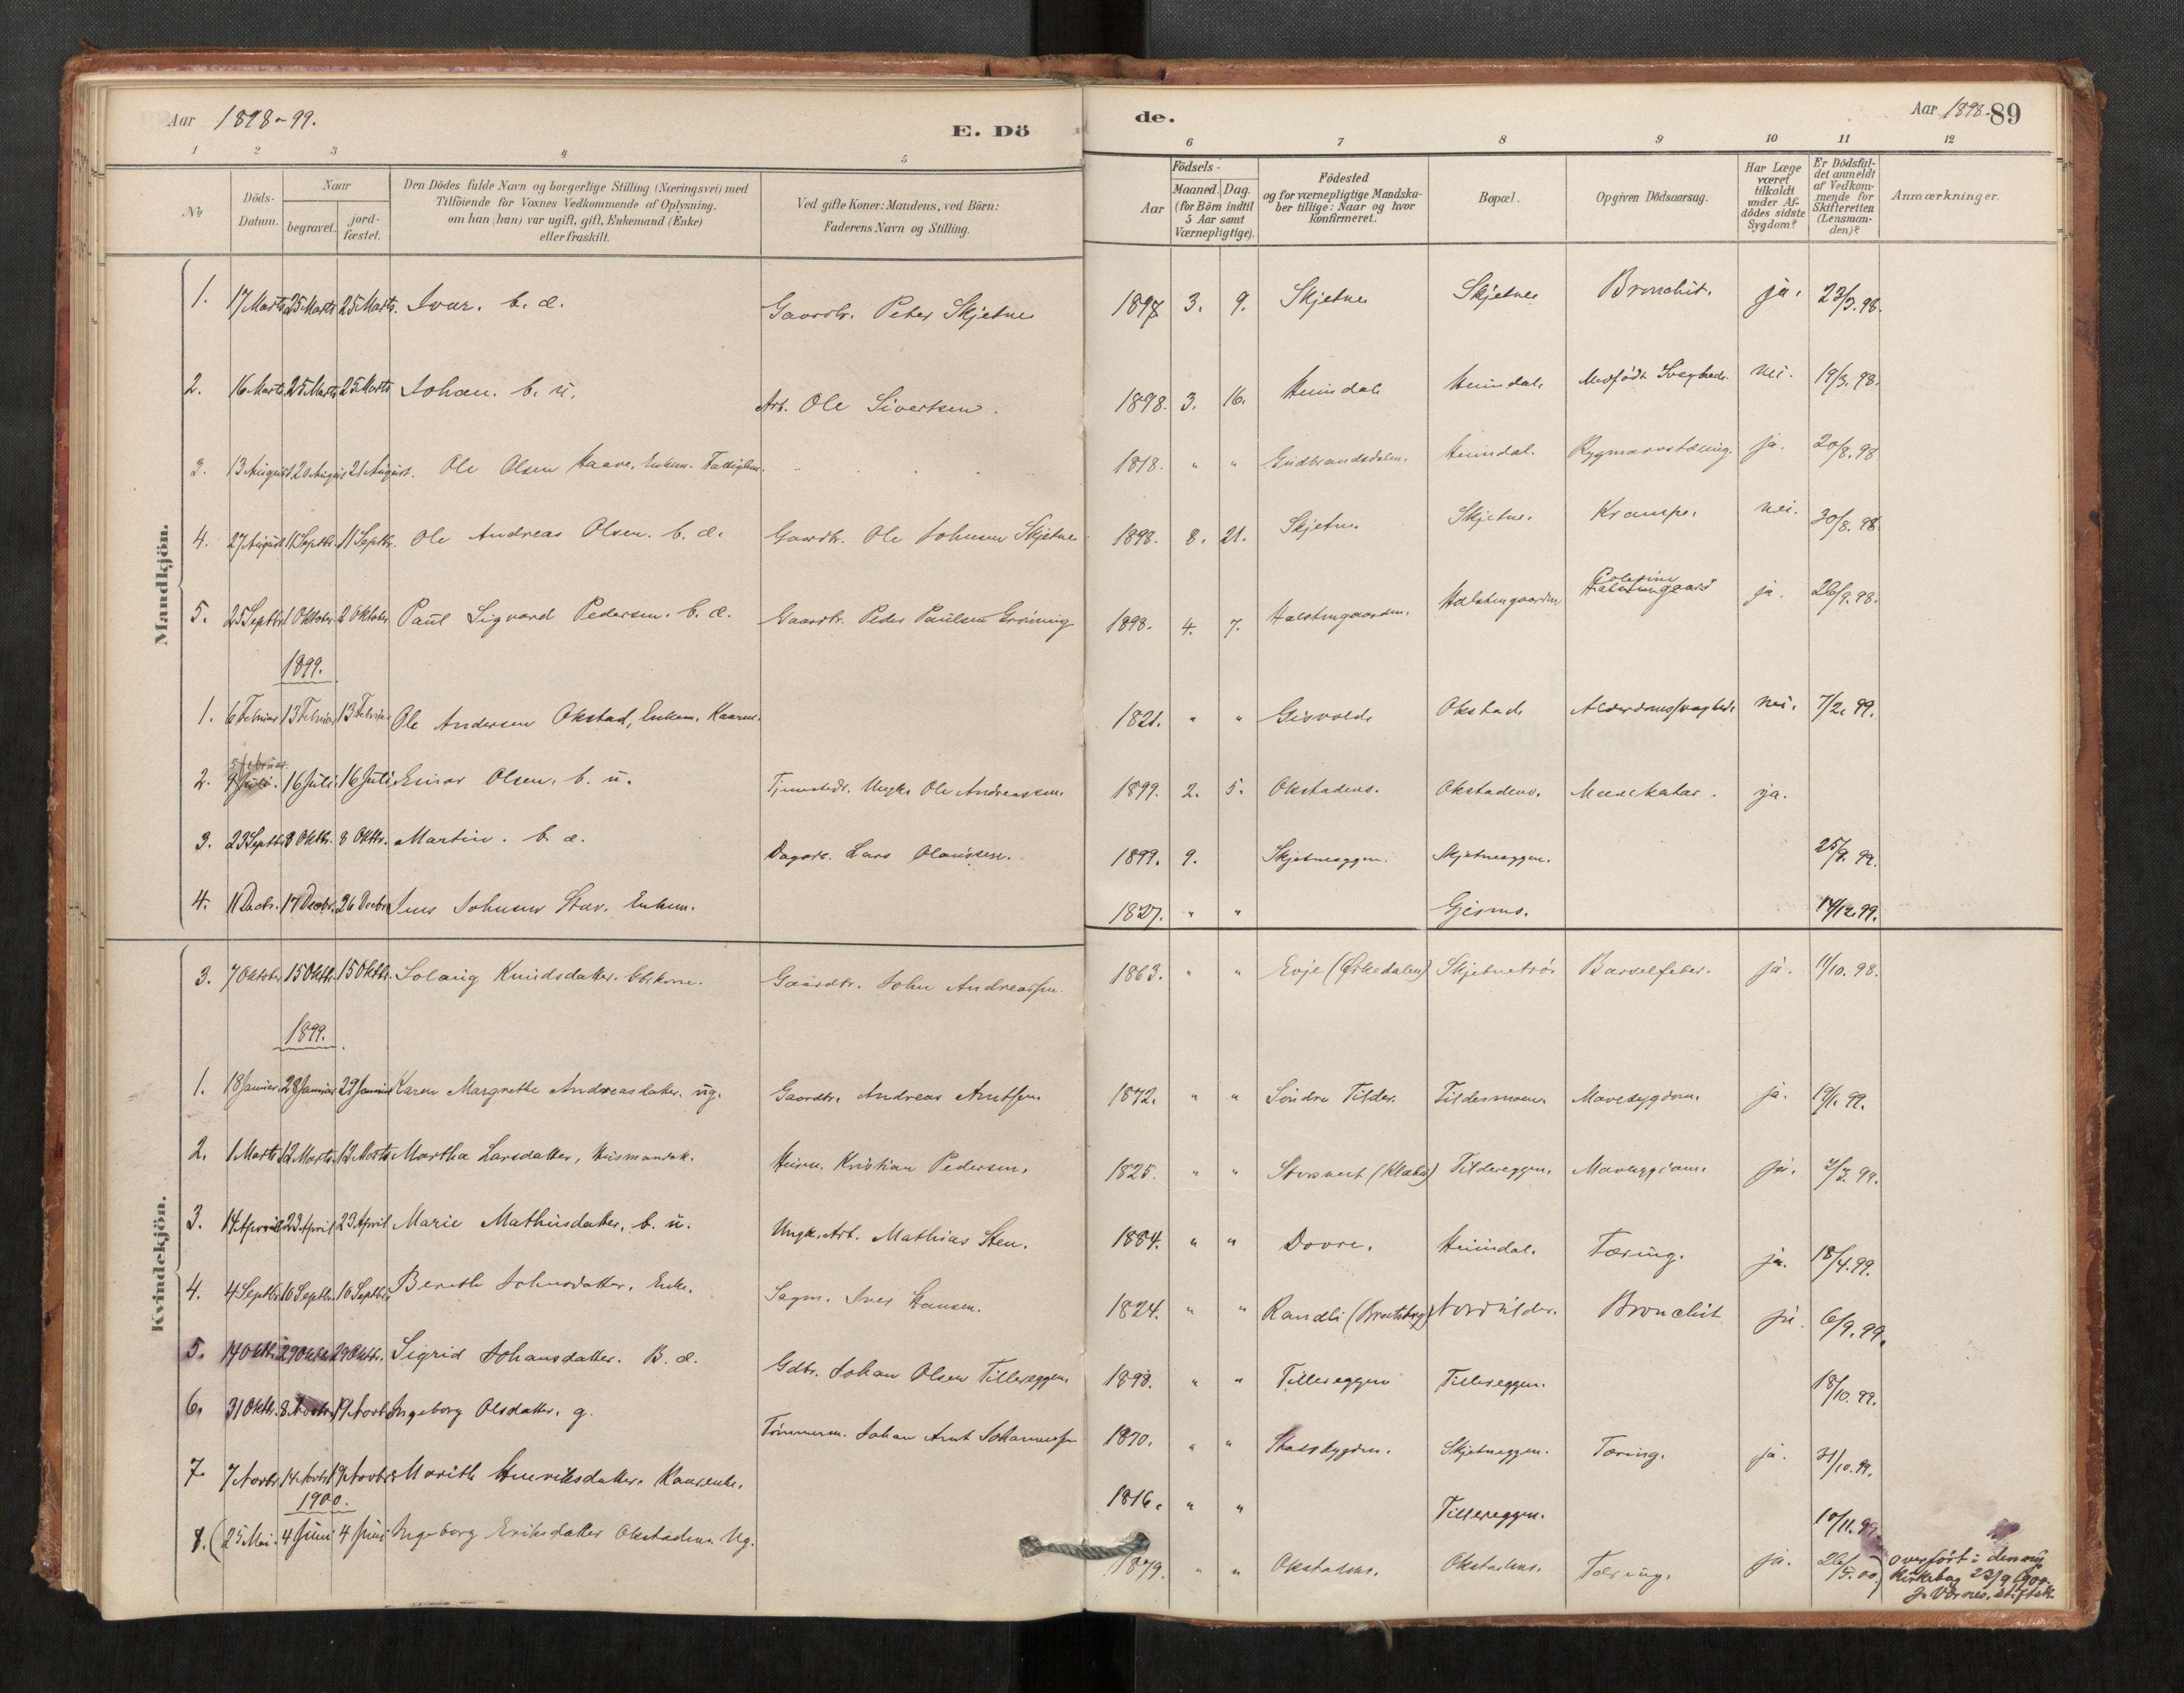 SAT, Klæbu sokneprestkontor, Parish register (official) no. 1, 1880-1900, p. 89